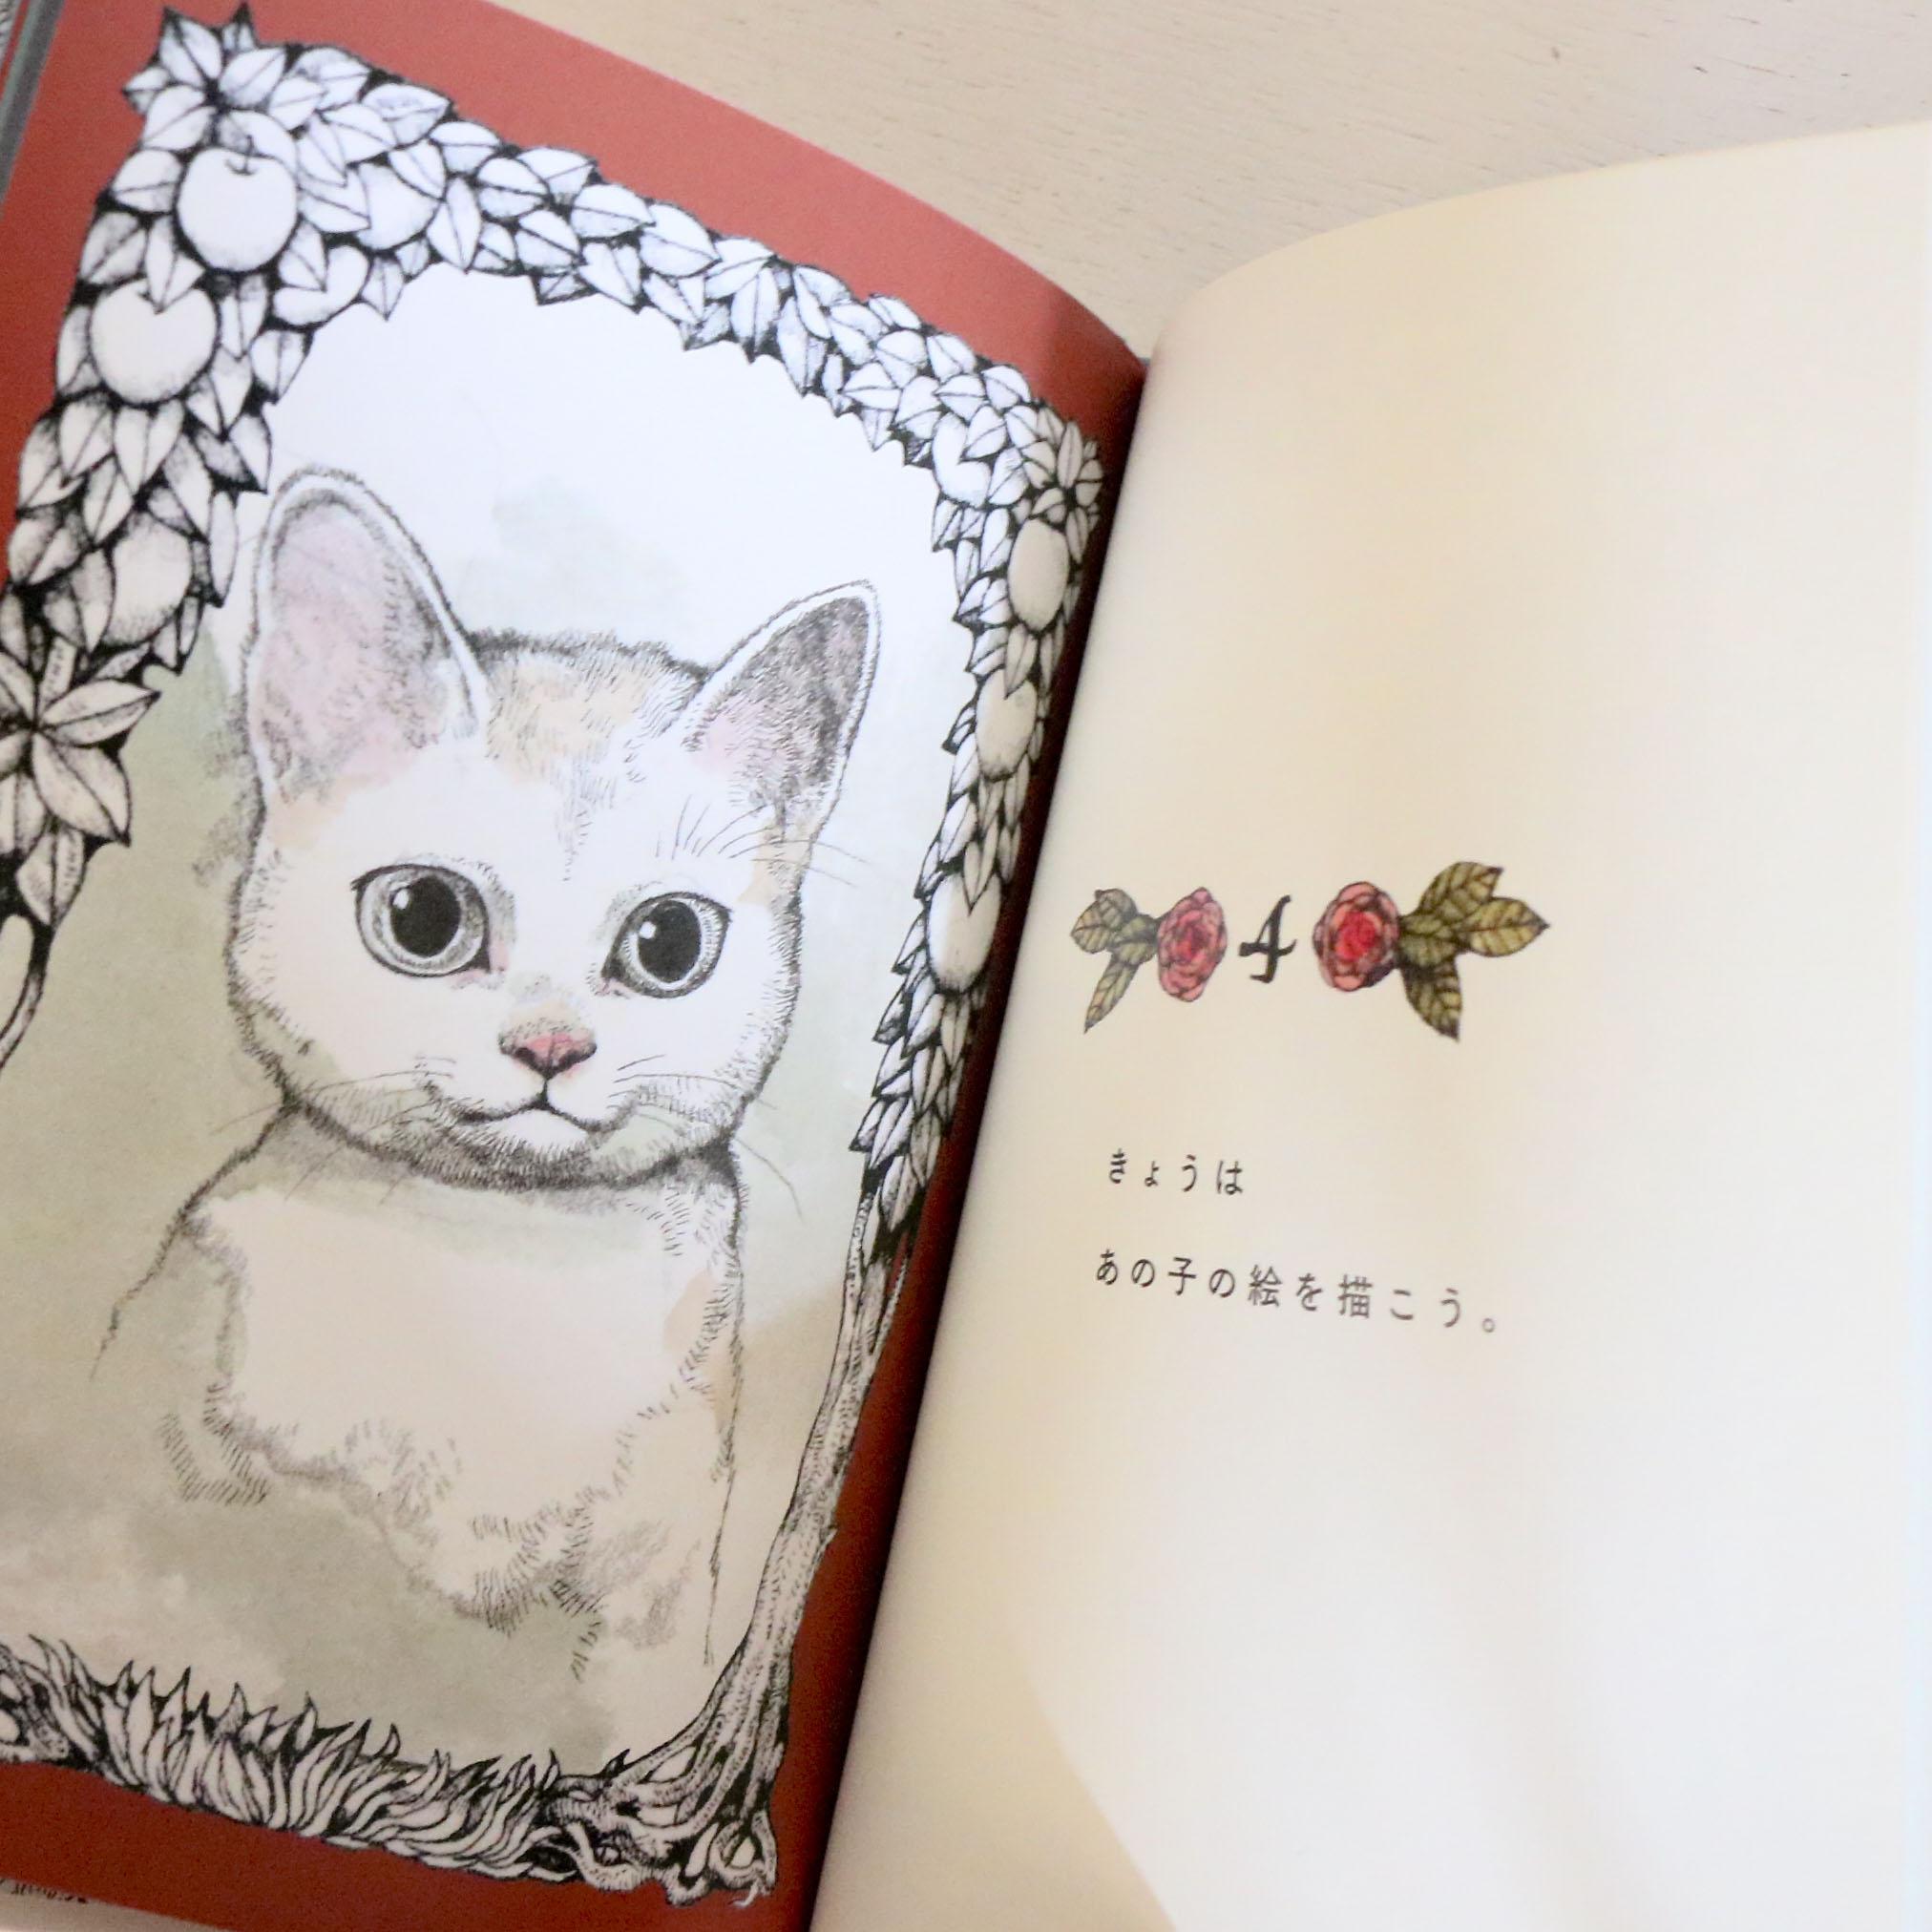 猫絵本 絵本 秋田 かぎしっぽ ヒグチユウコ ラブレター